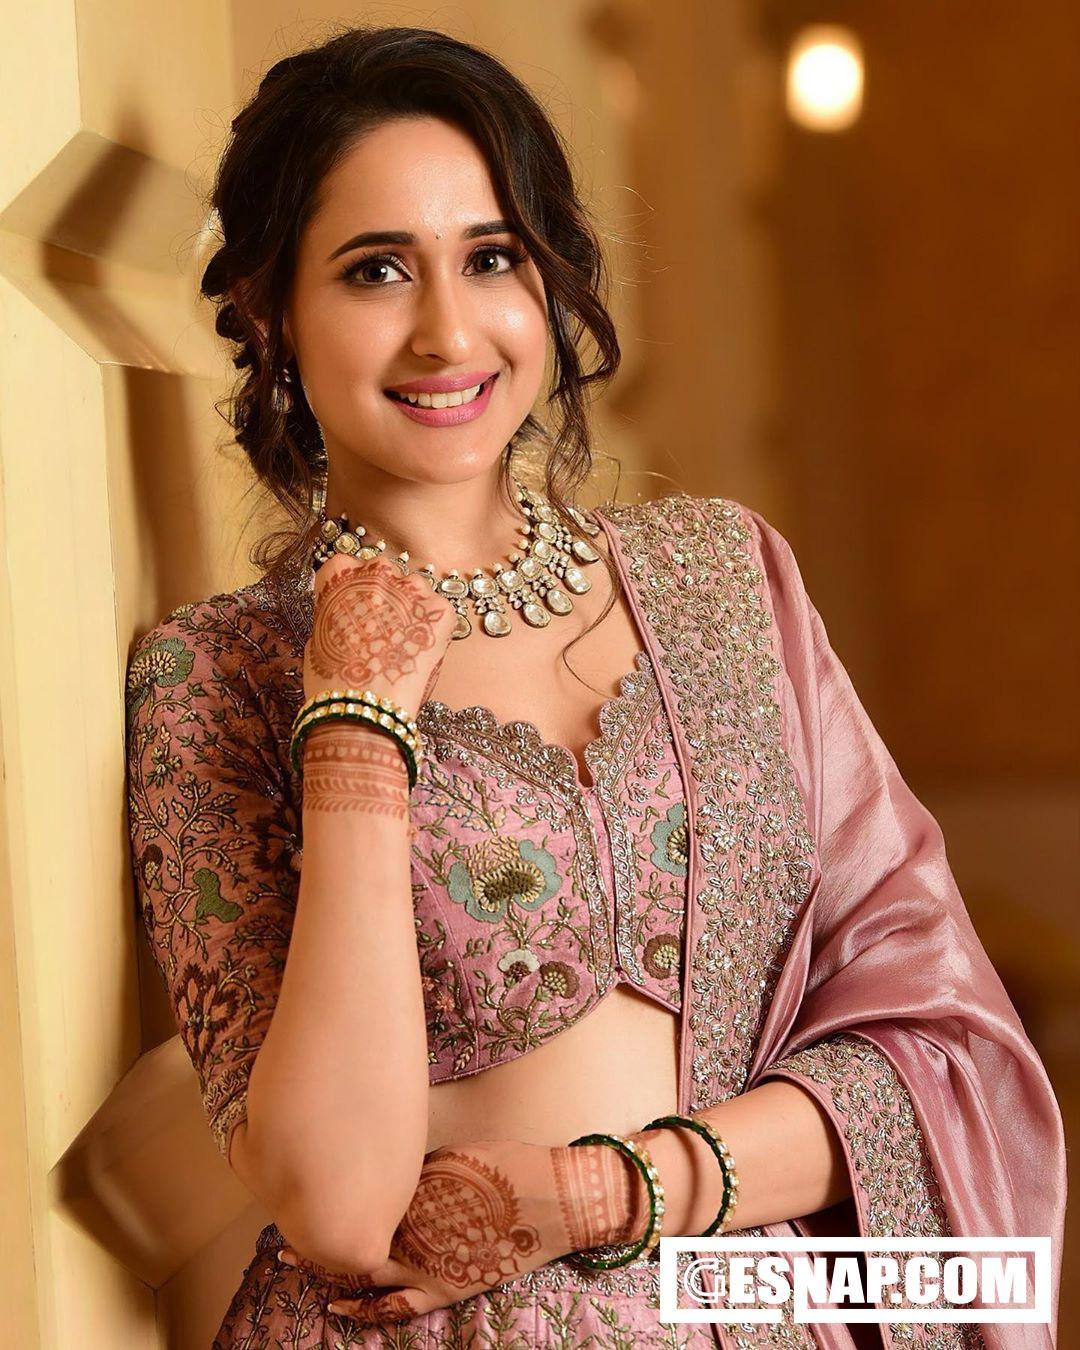 Pragya Jaiswal Photo | Gesnap.com